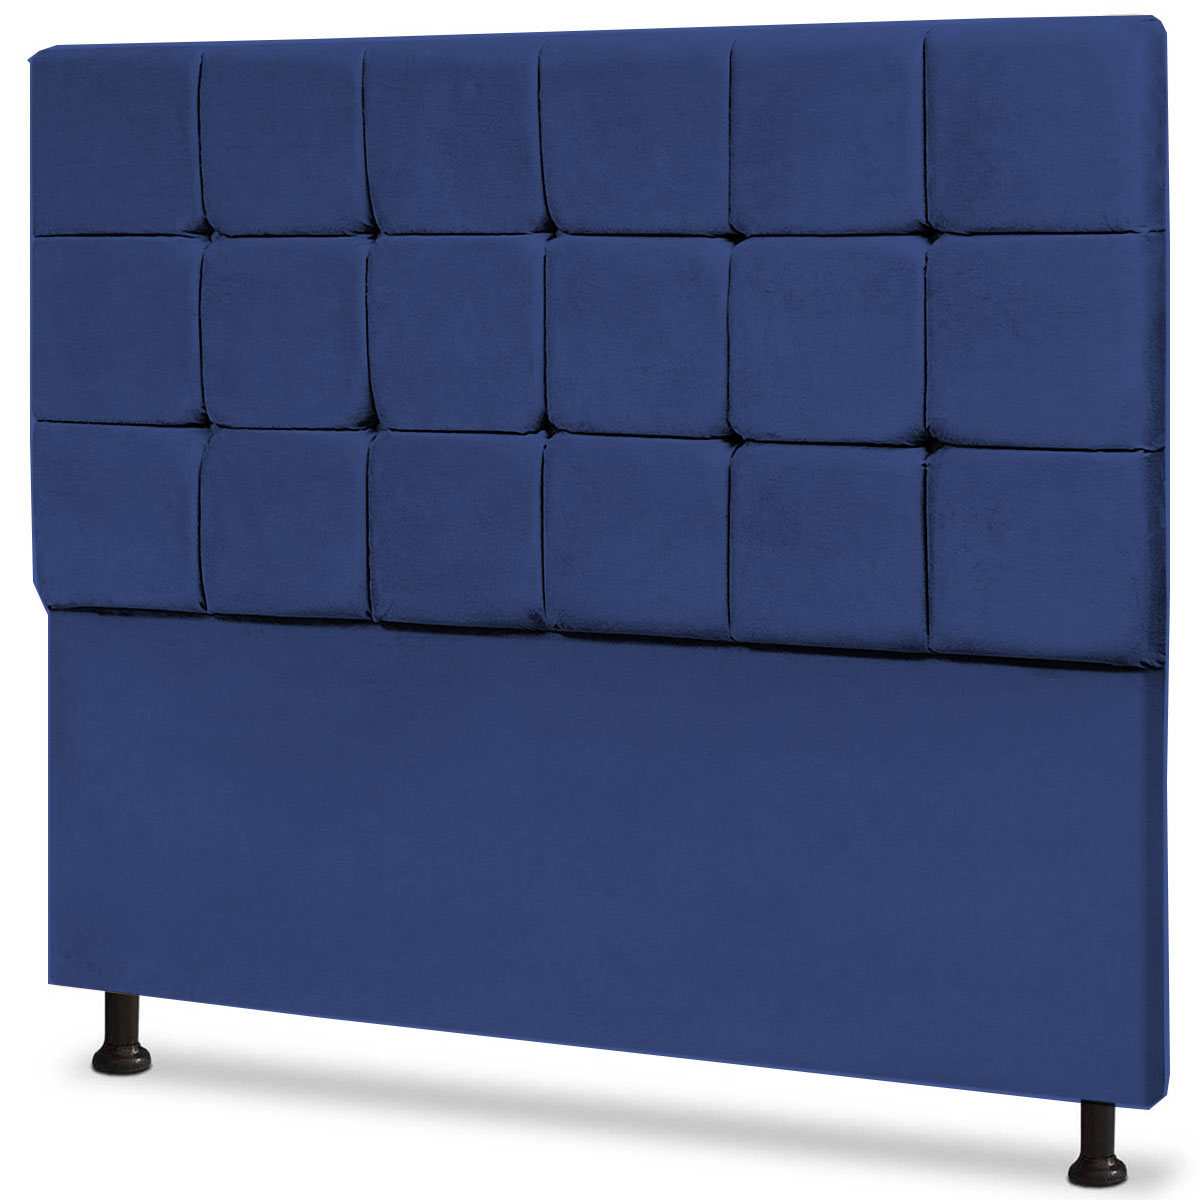 Cabeceira Queen Estofada Espanha 160 cm Animale Azul